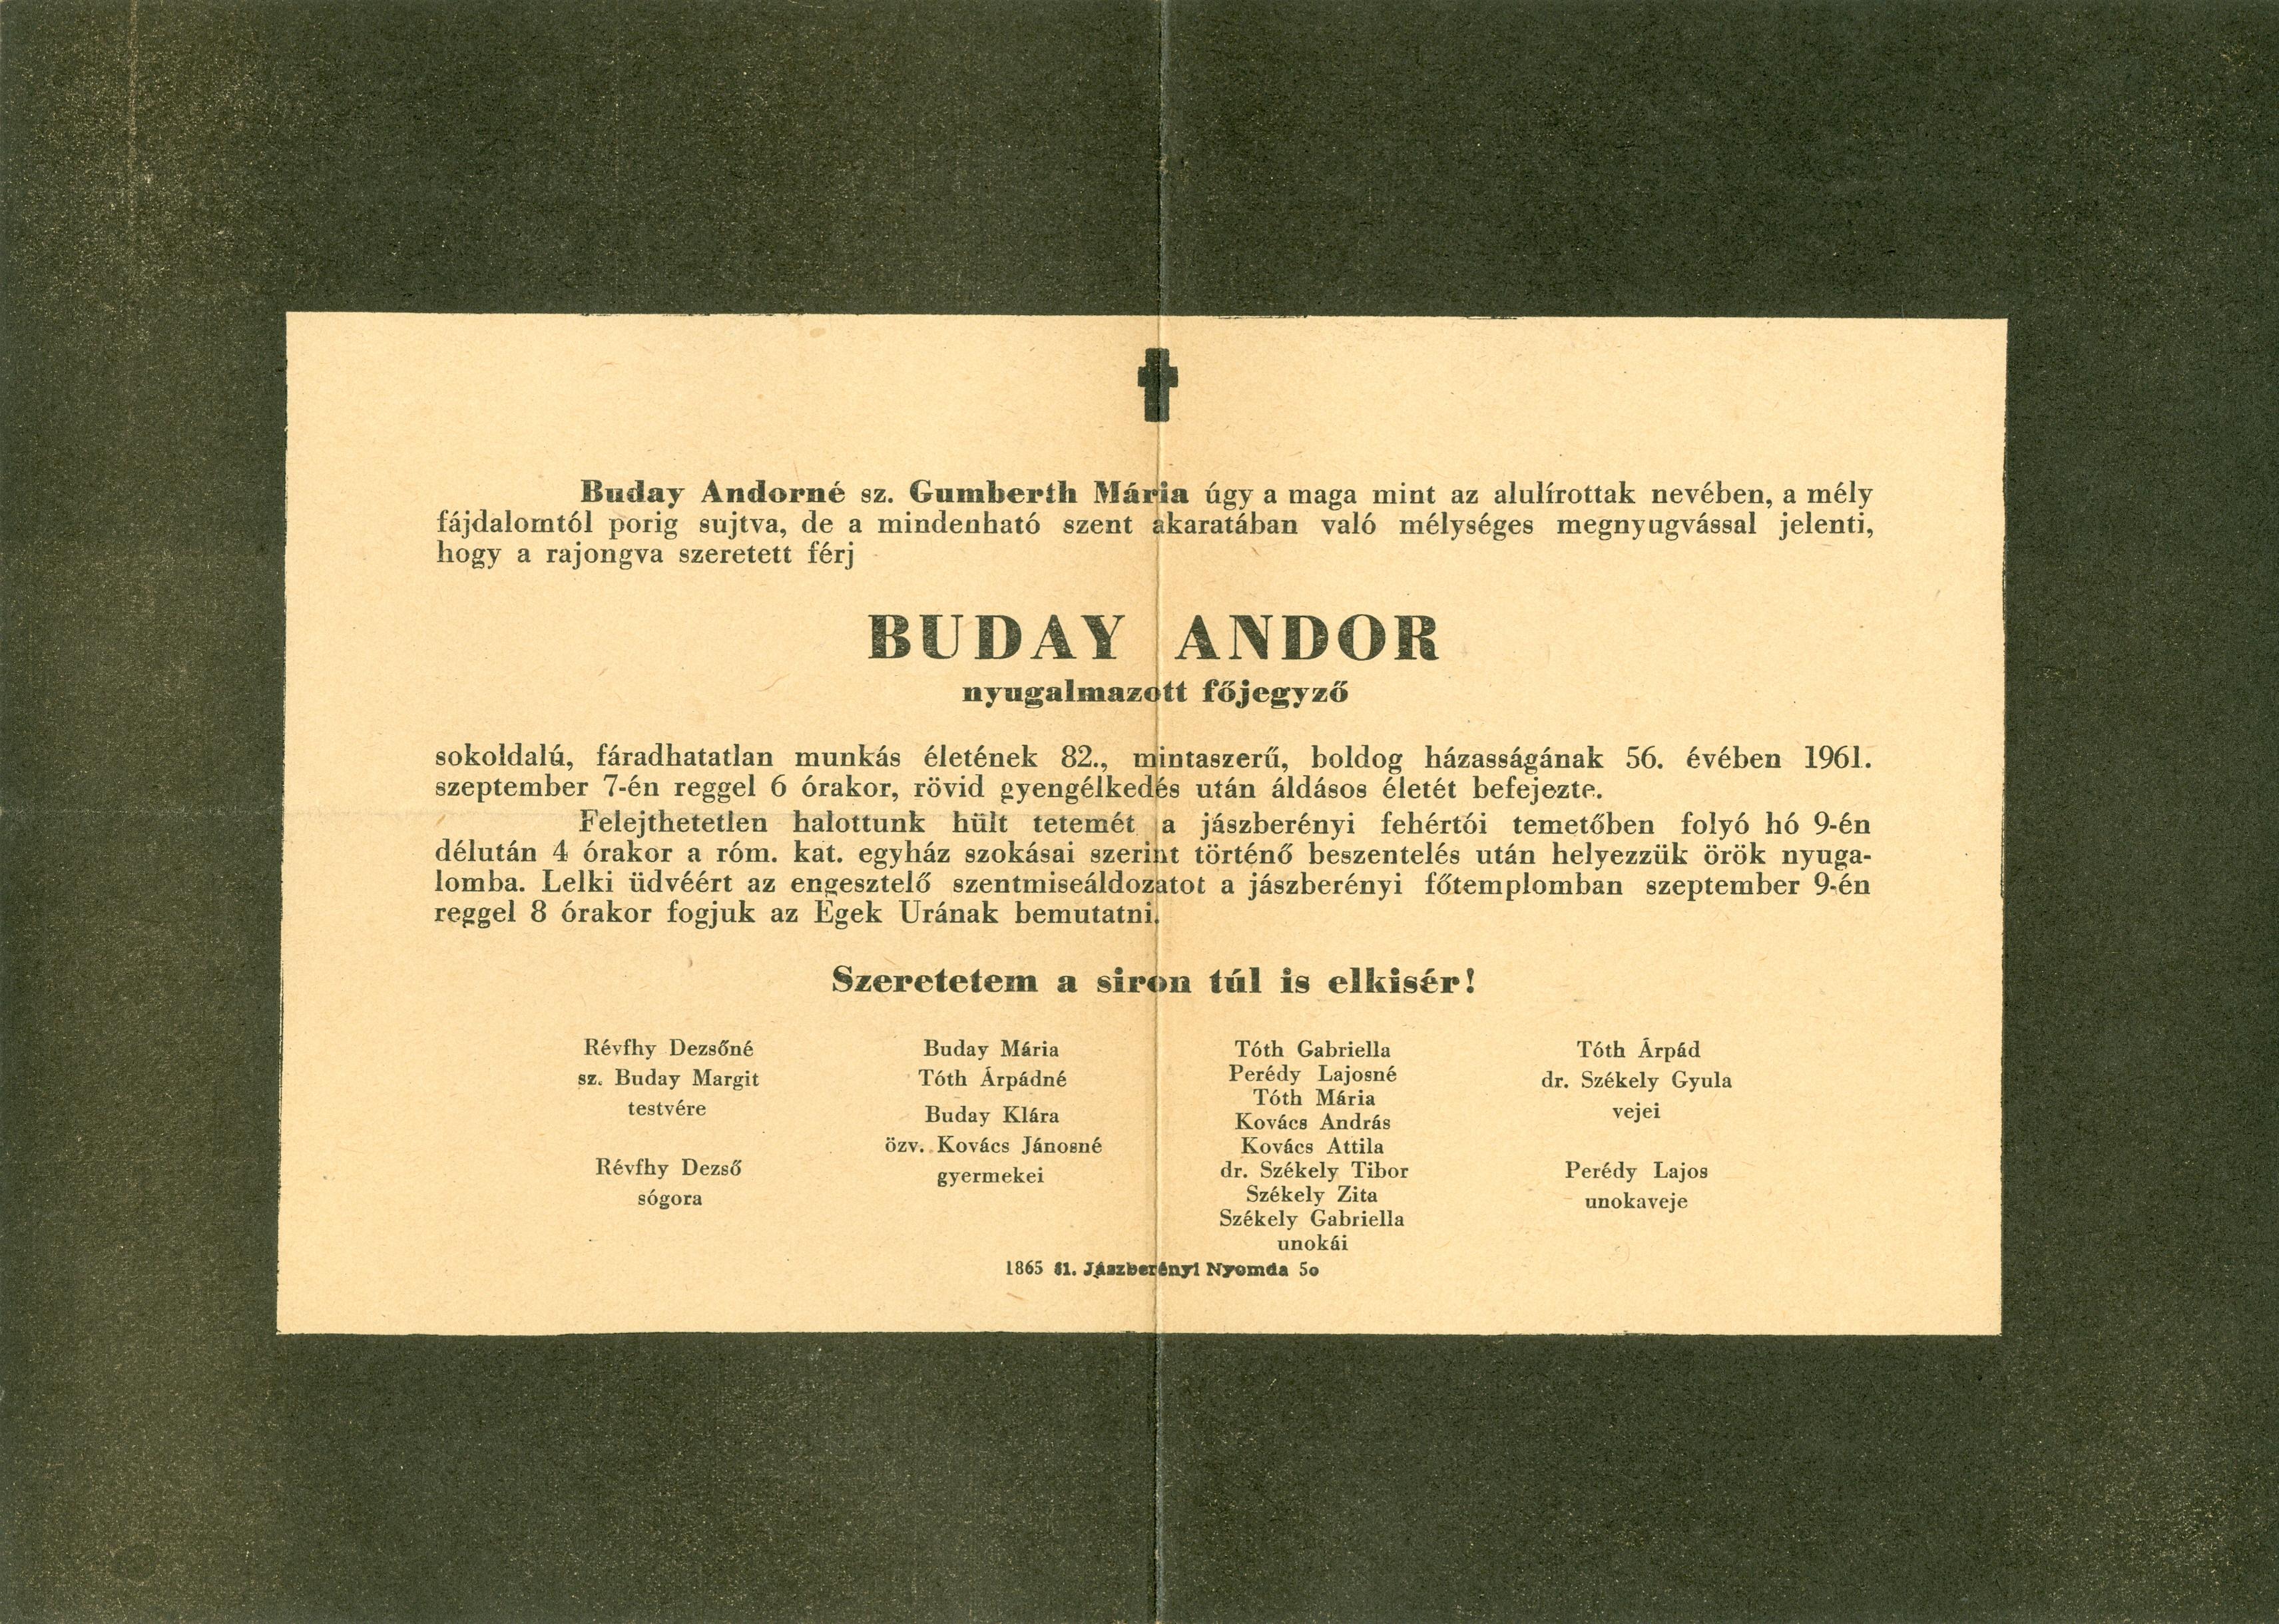 Buday Andor